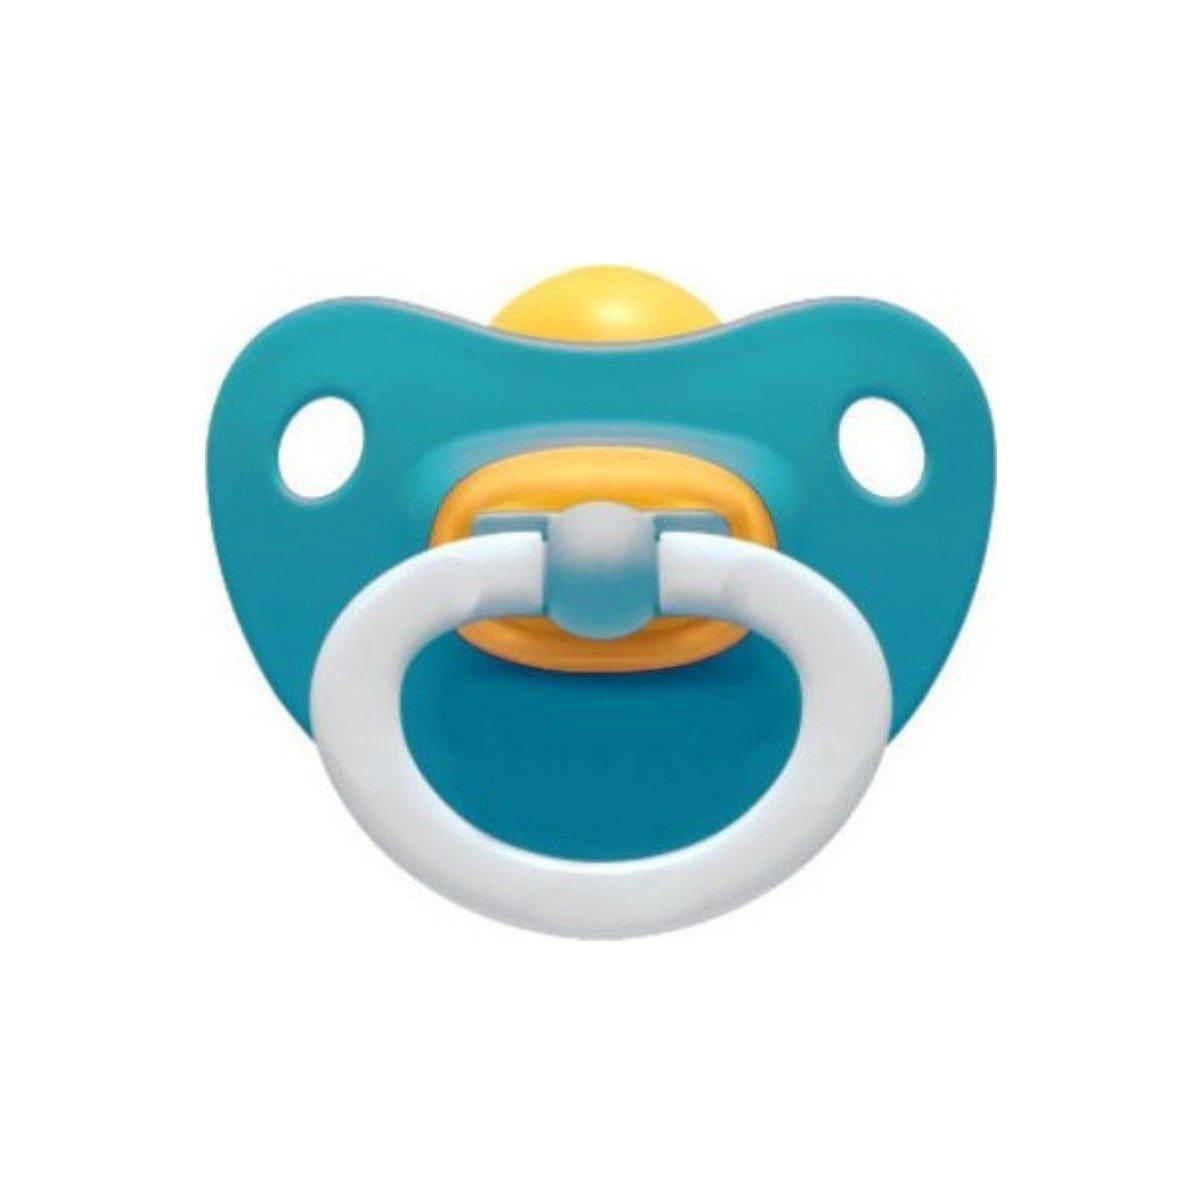 Nuk Classic Soft Πιπίλα Καουτσούκ 1 Τεμάχιο – 18-36 Μηνών Μπλε